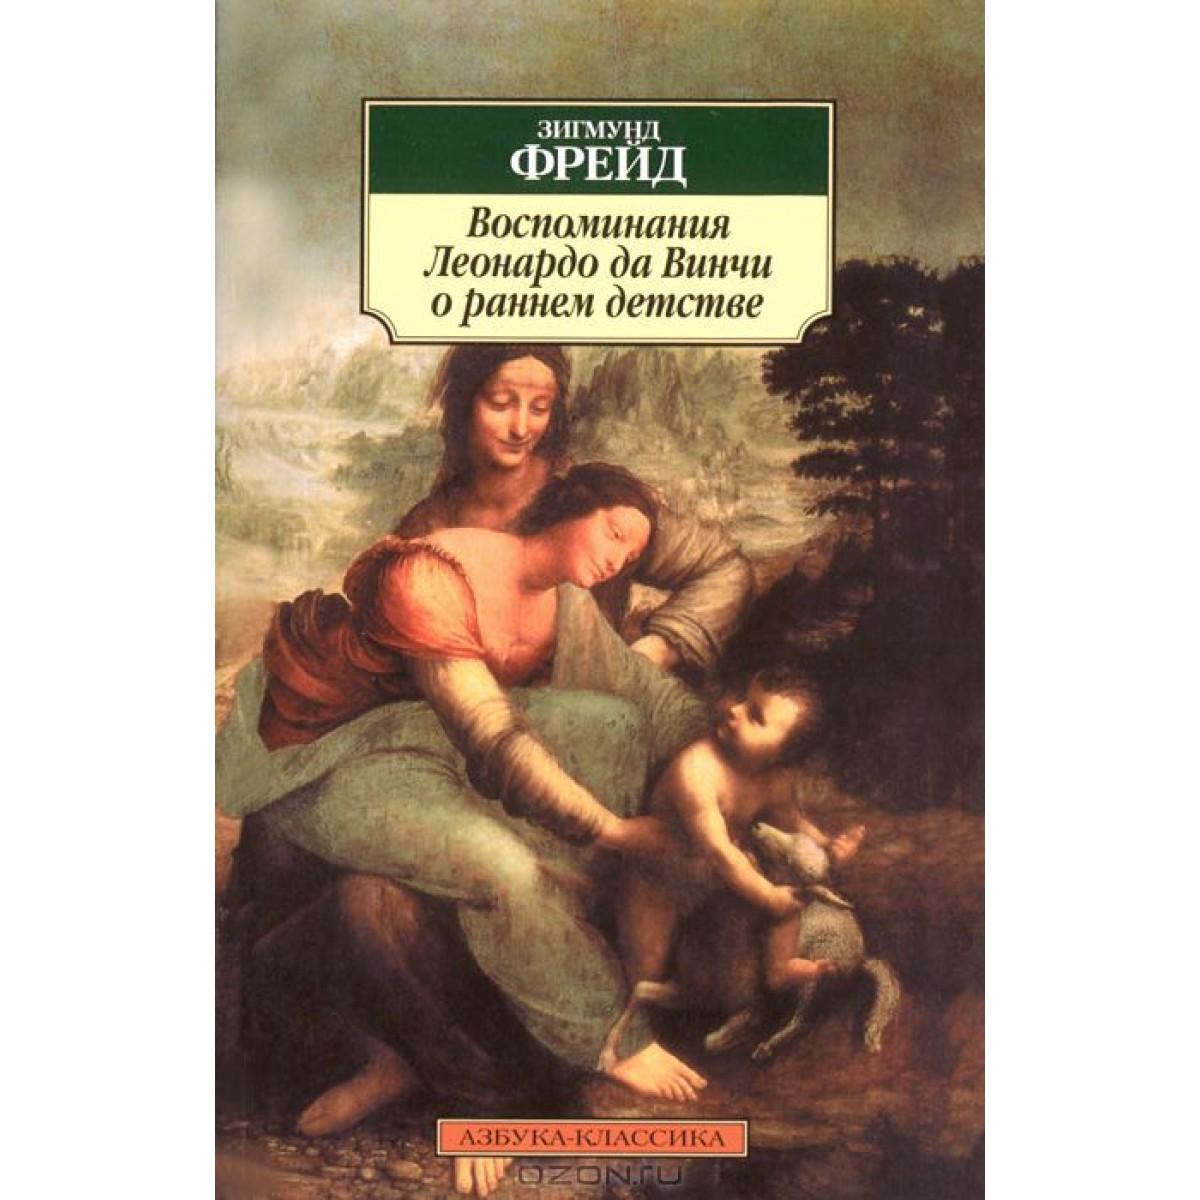 ♥День 16. Воспоминания Леонардо да Винчи о раннем детстве♥